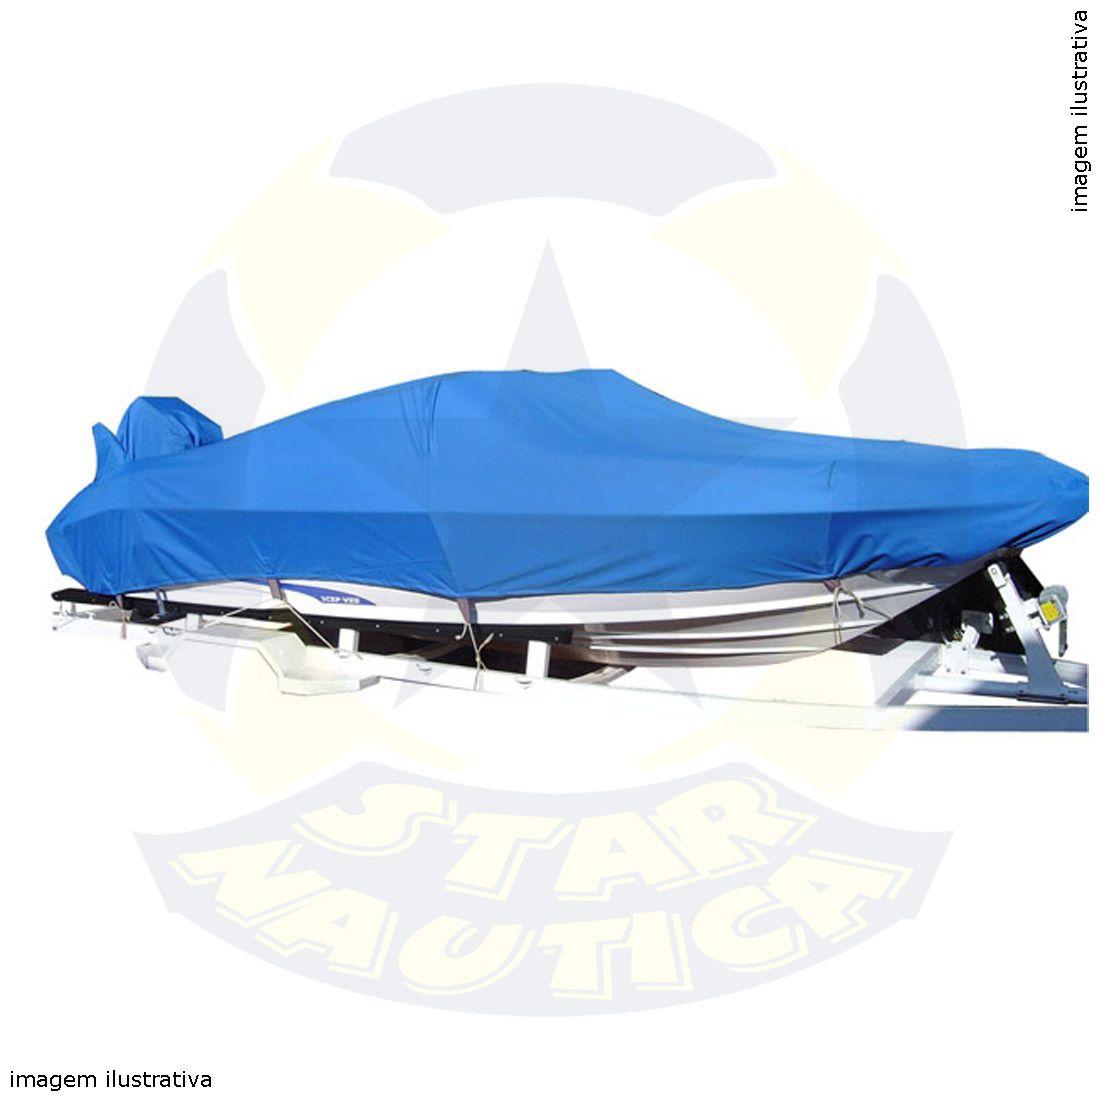 Capa Lona de Cobertura Lancha de Fibra 24 Pés Lona Poliéster